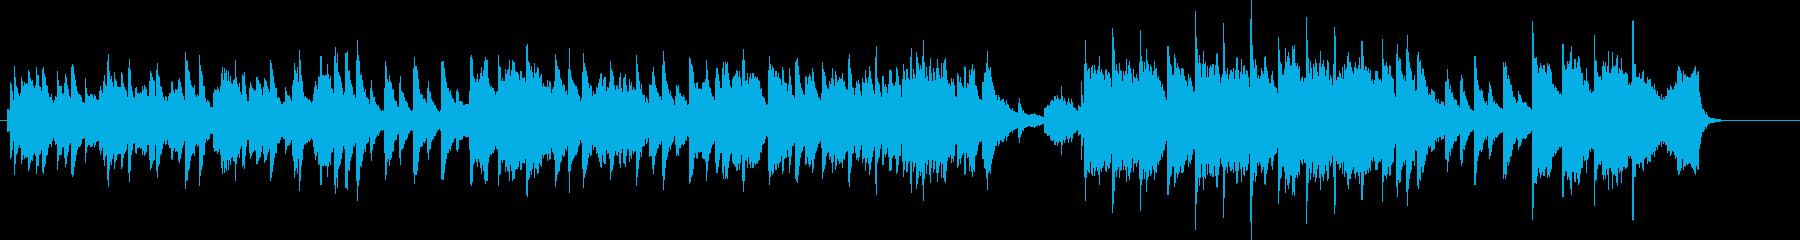 ピアノがメインのバラードBGMの再生済みの波形